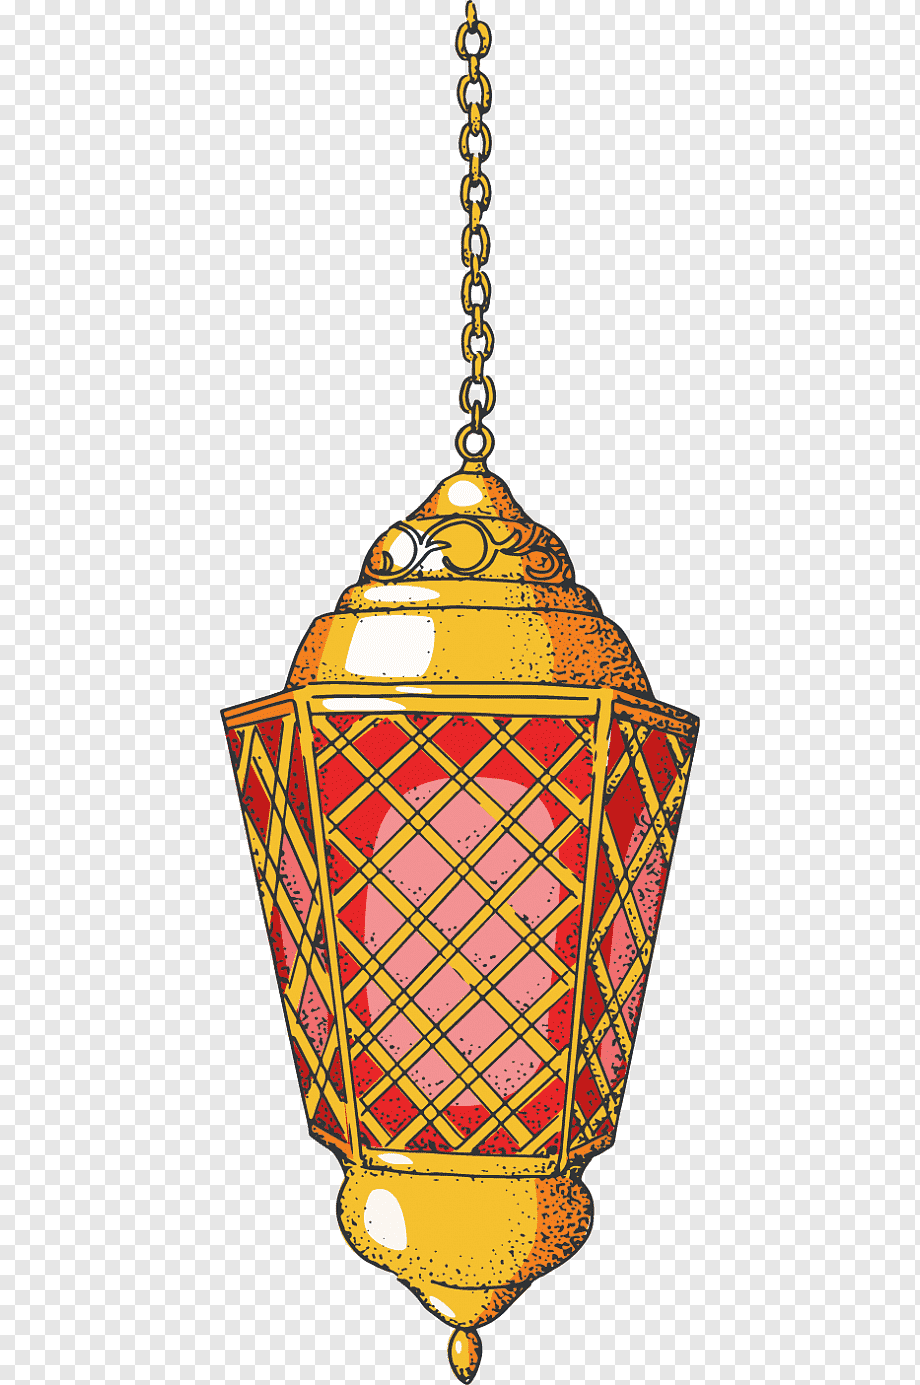 Ramadhan Lamp Png : ramadhan, Ramadan, Lantern, Images, PNGWing